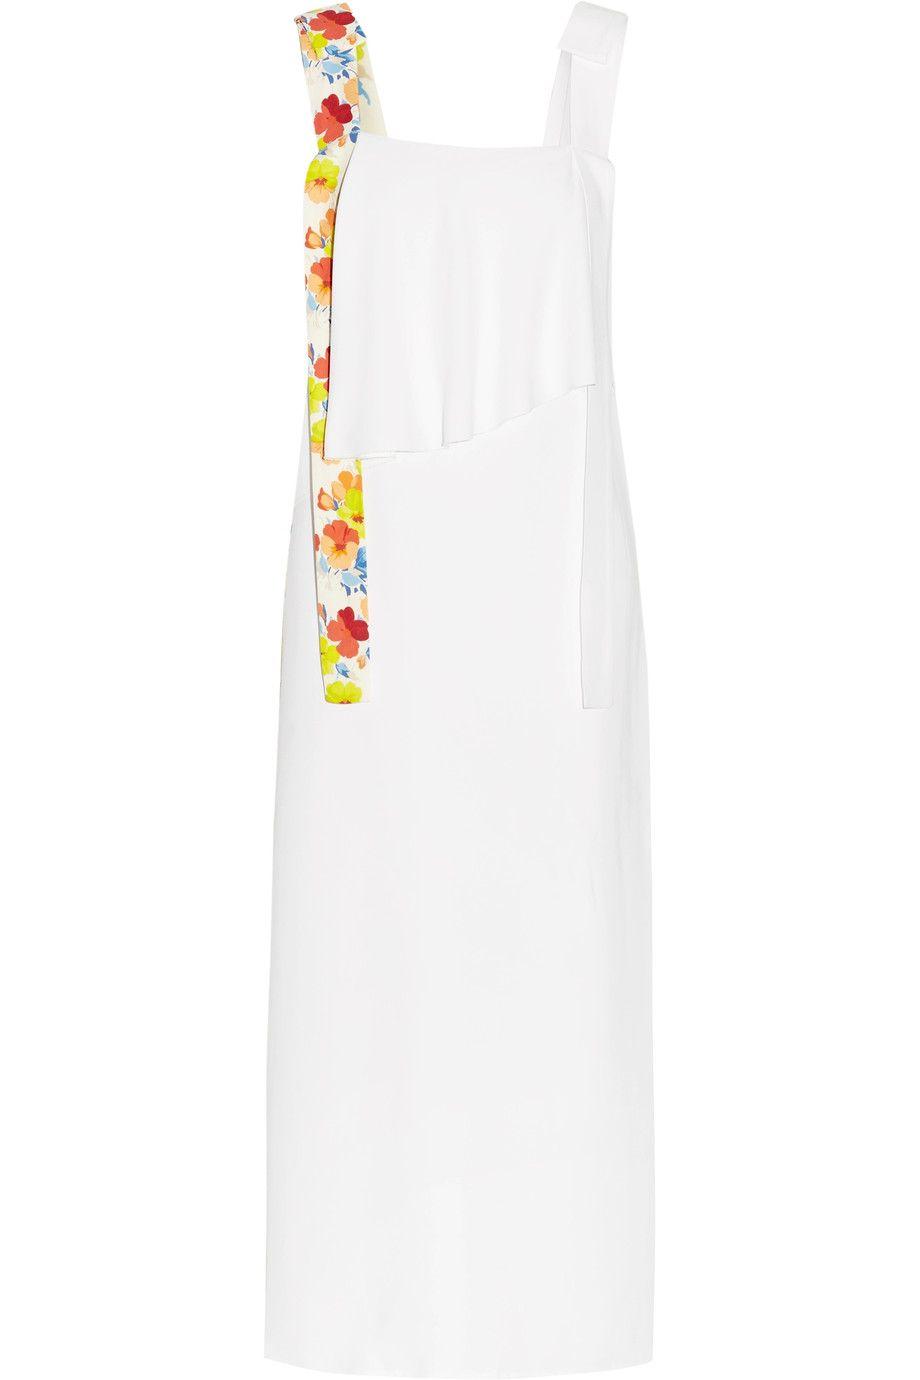 MSGM - Layered printed crepe midi dress